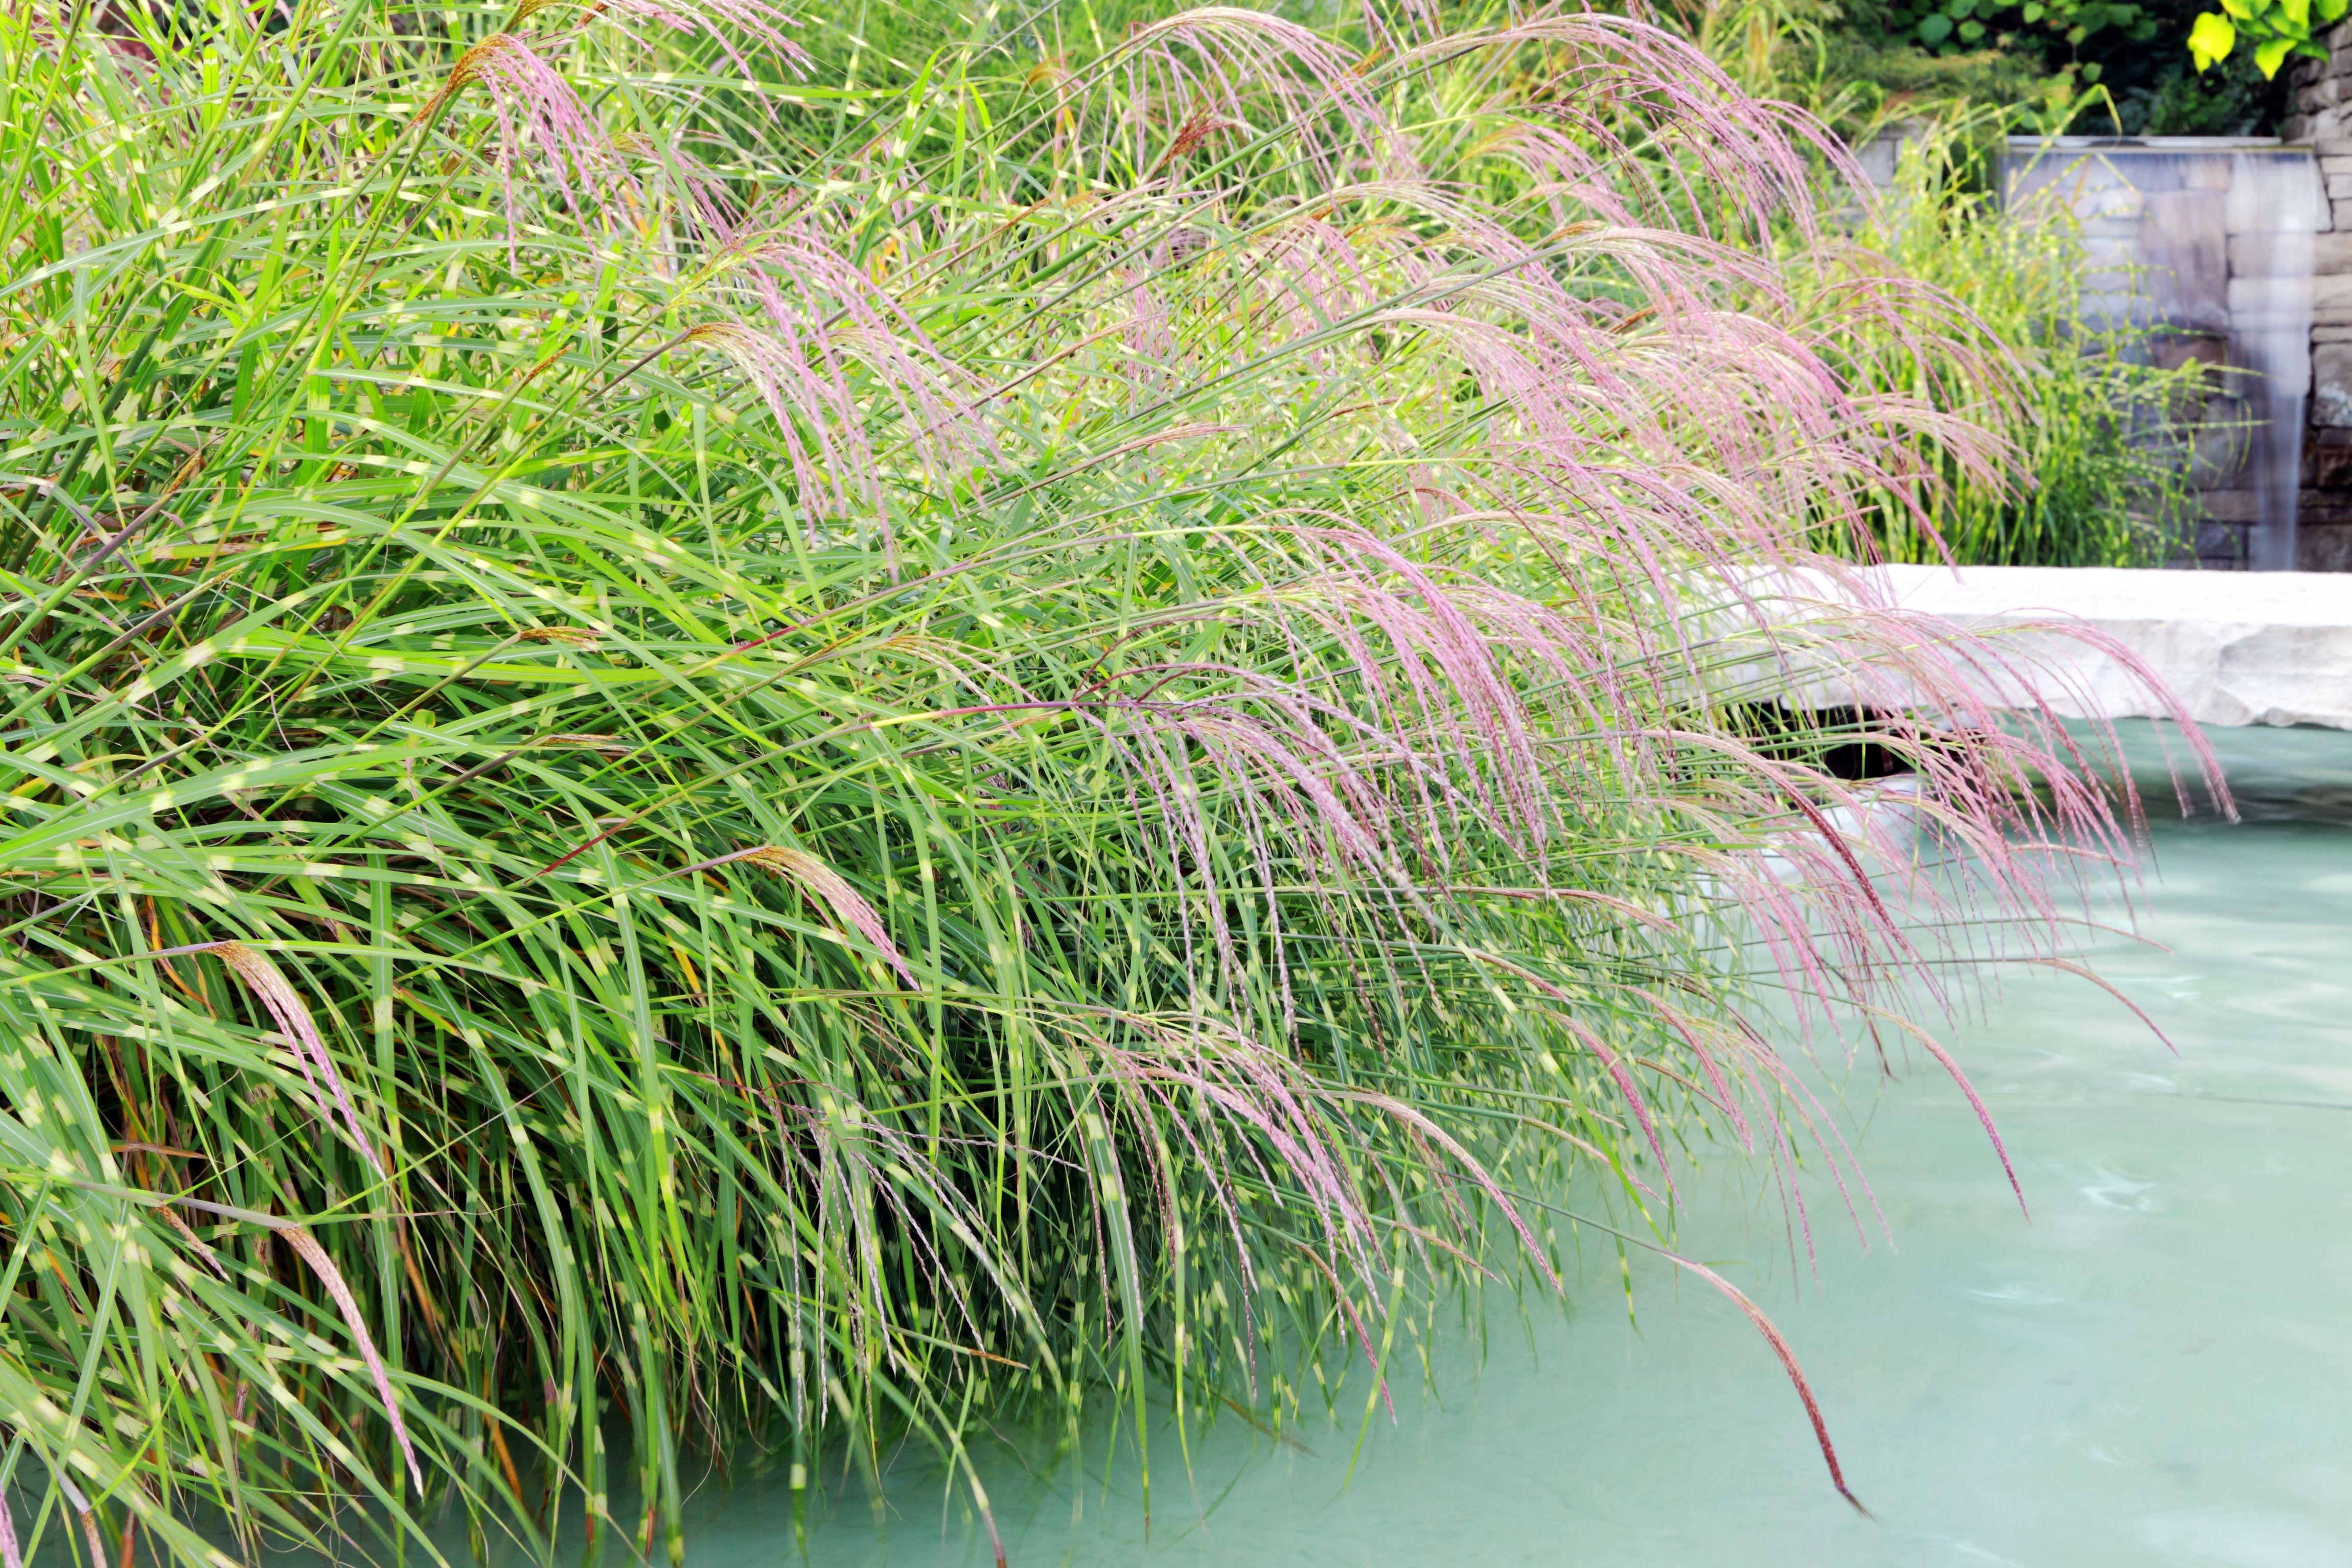 Hierba de cebra cerca de la piscina